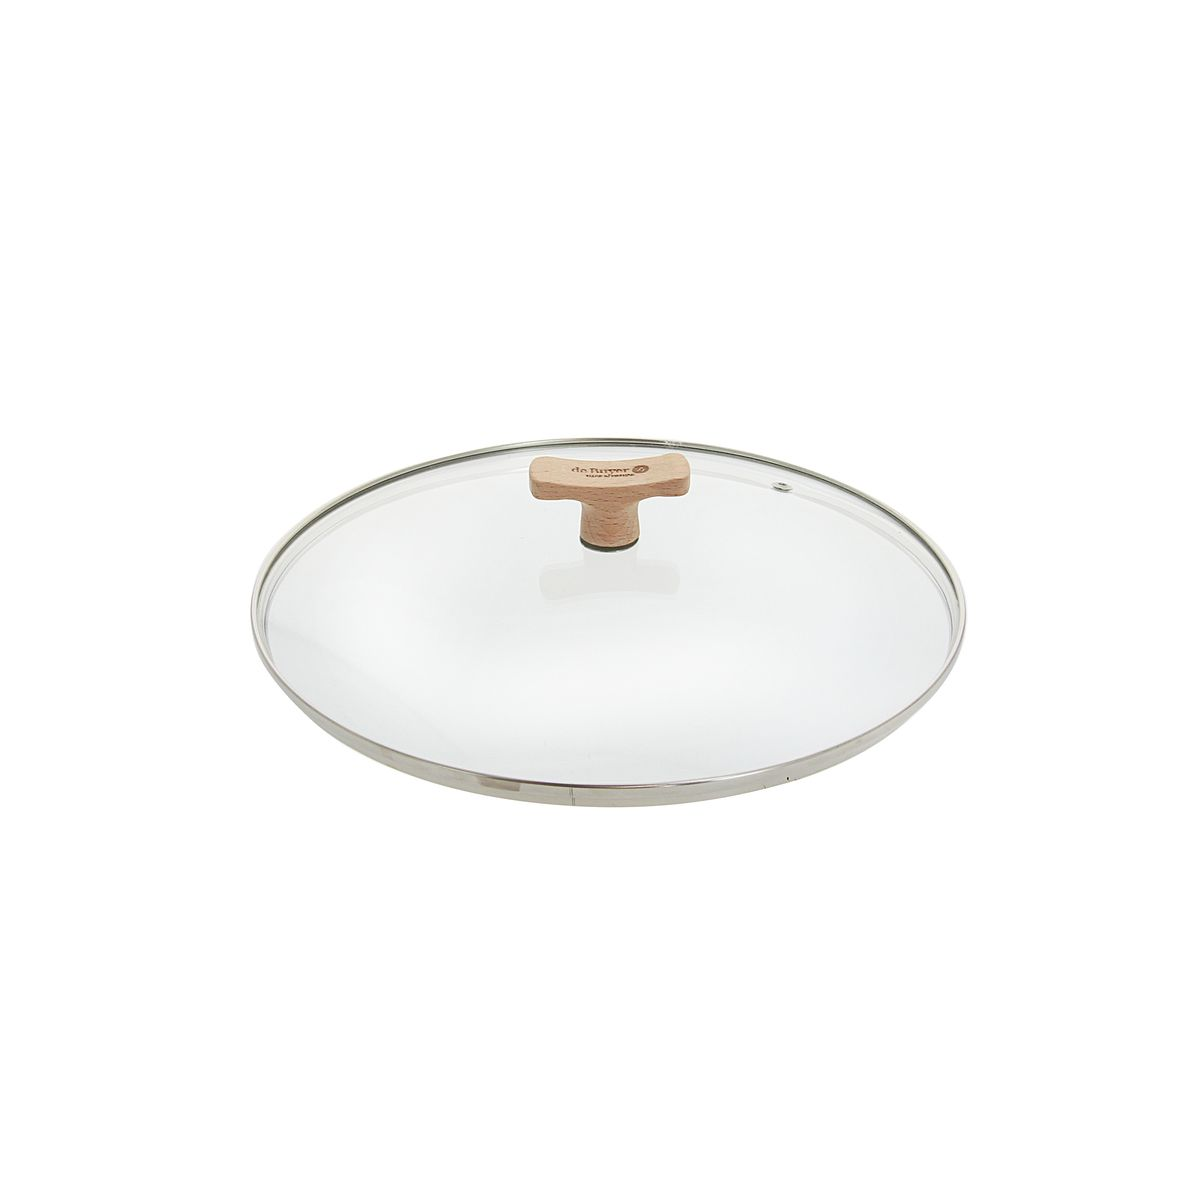 Couvercle en verre avec bouton en bois diamètre 32 cm - De Buyer